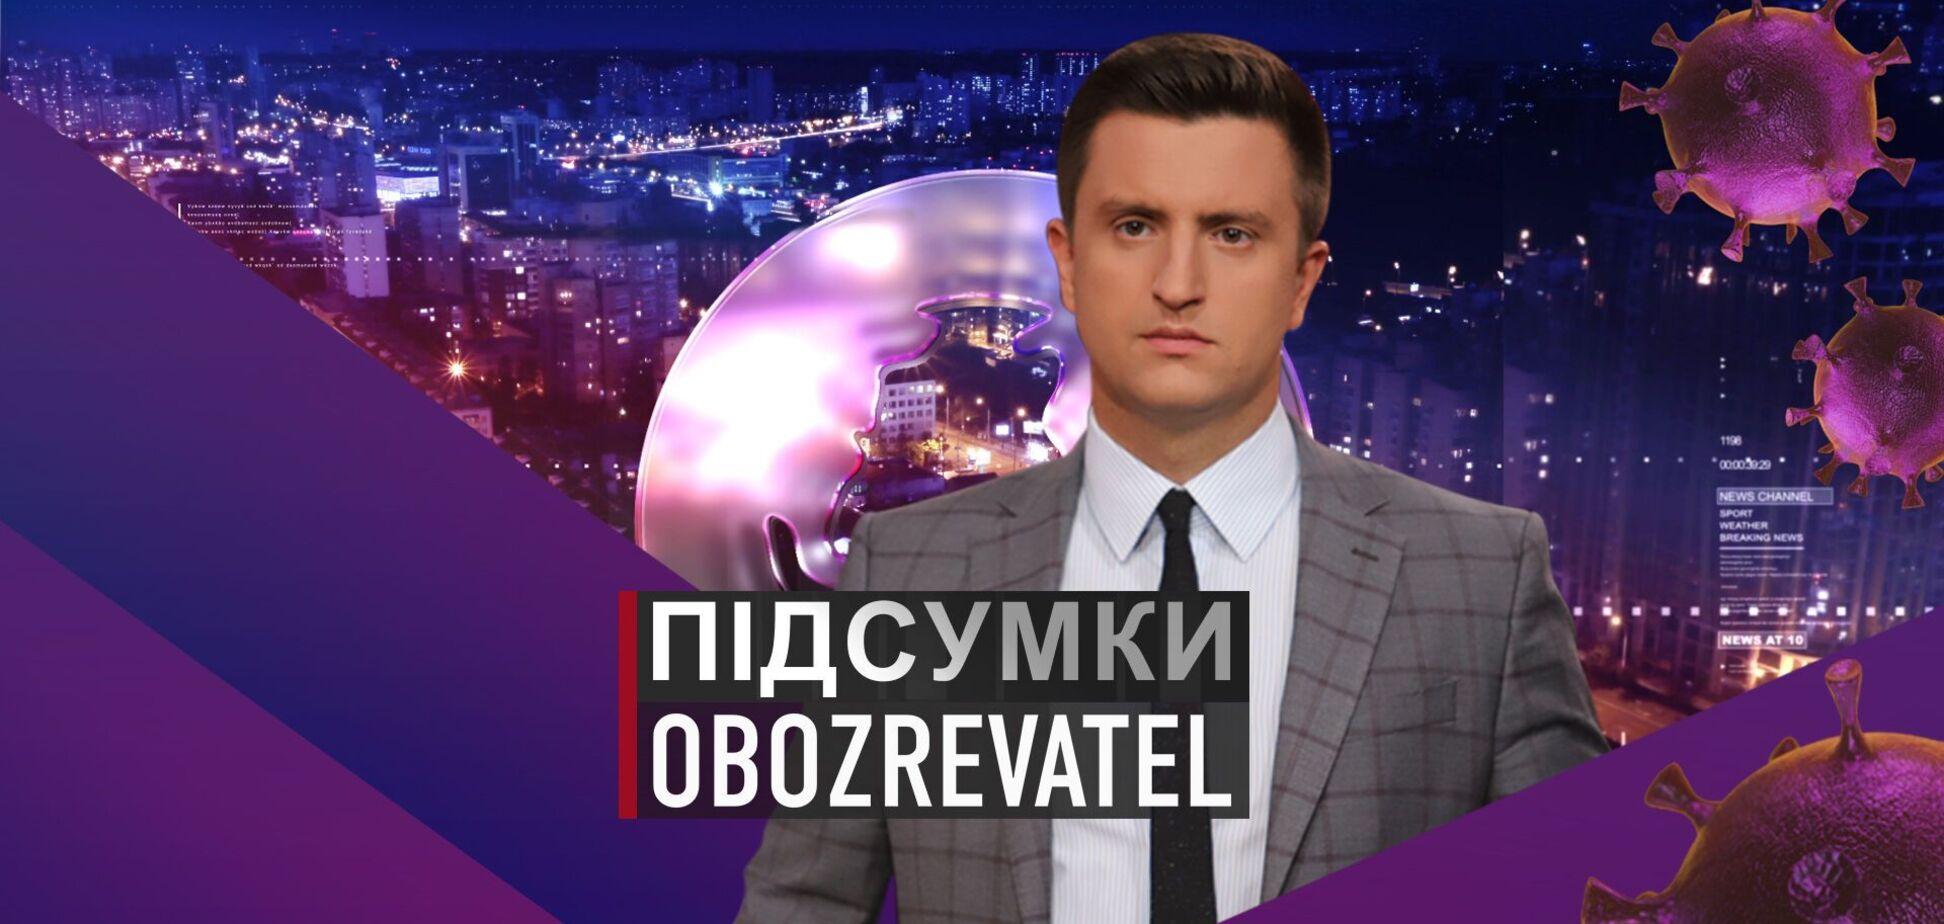 Підсумки с Вадимом Колодийчуком. Понедельник, 12 июля